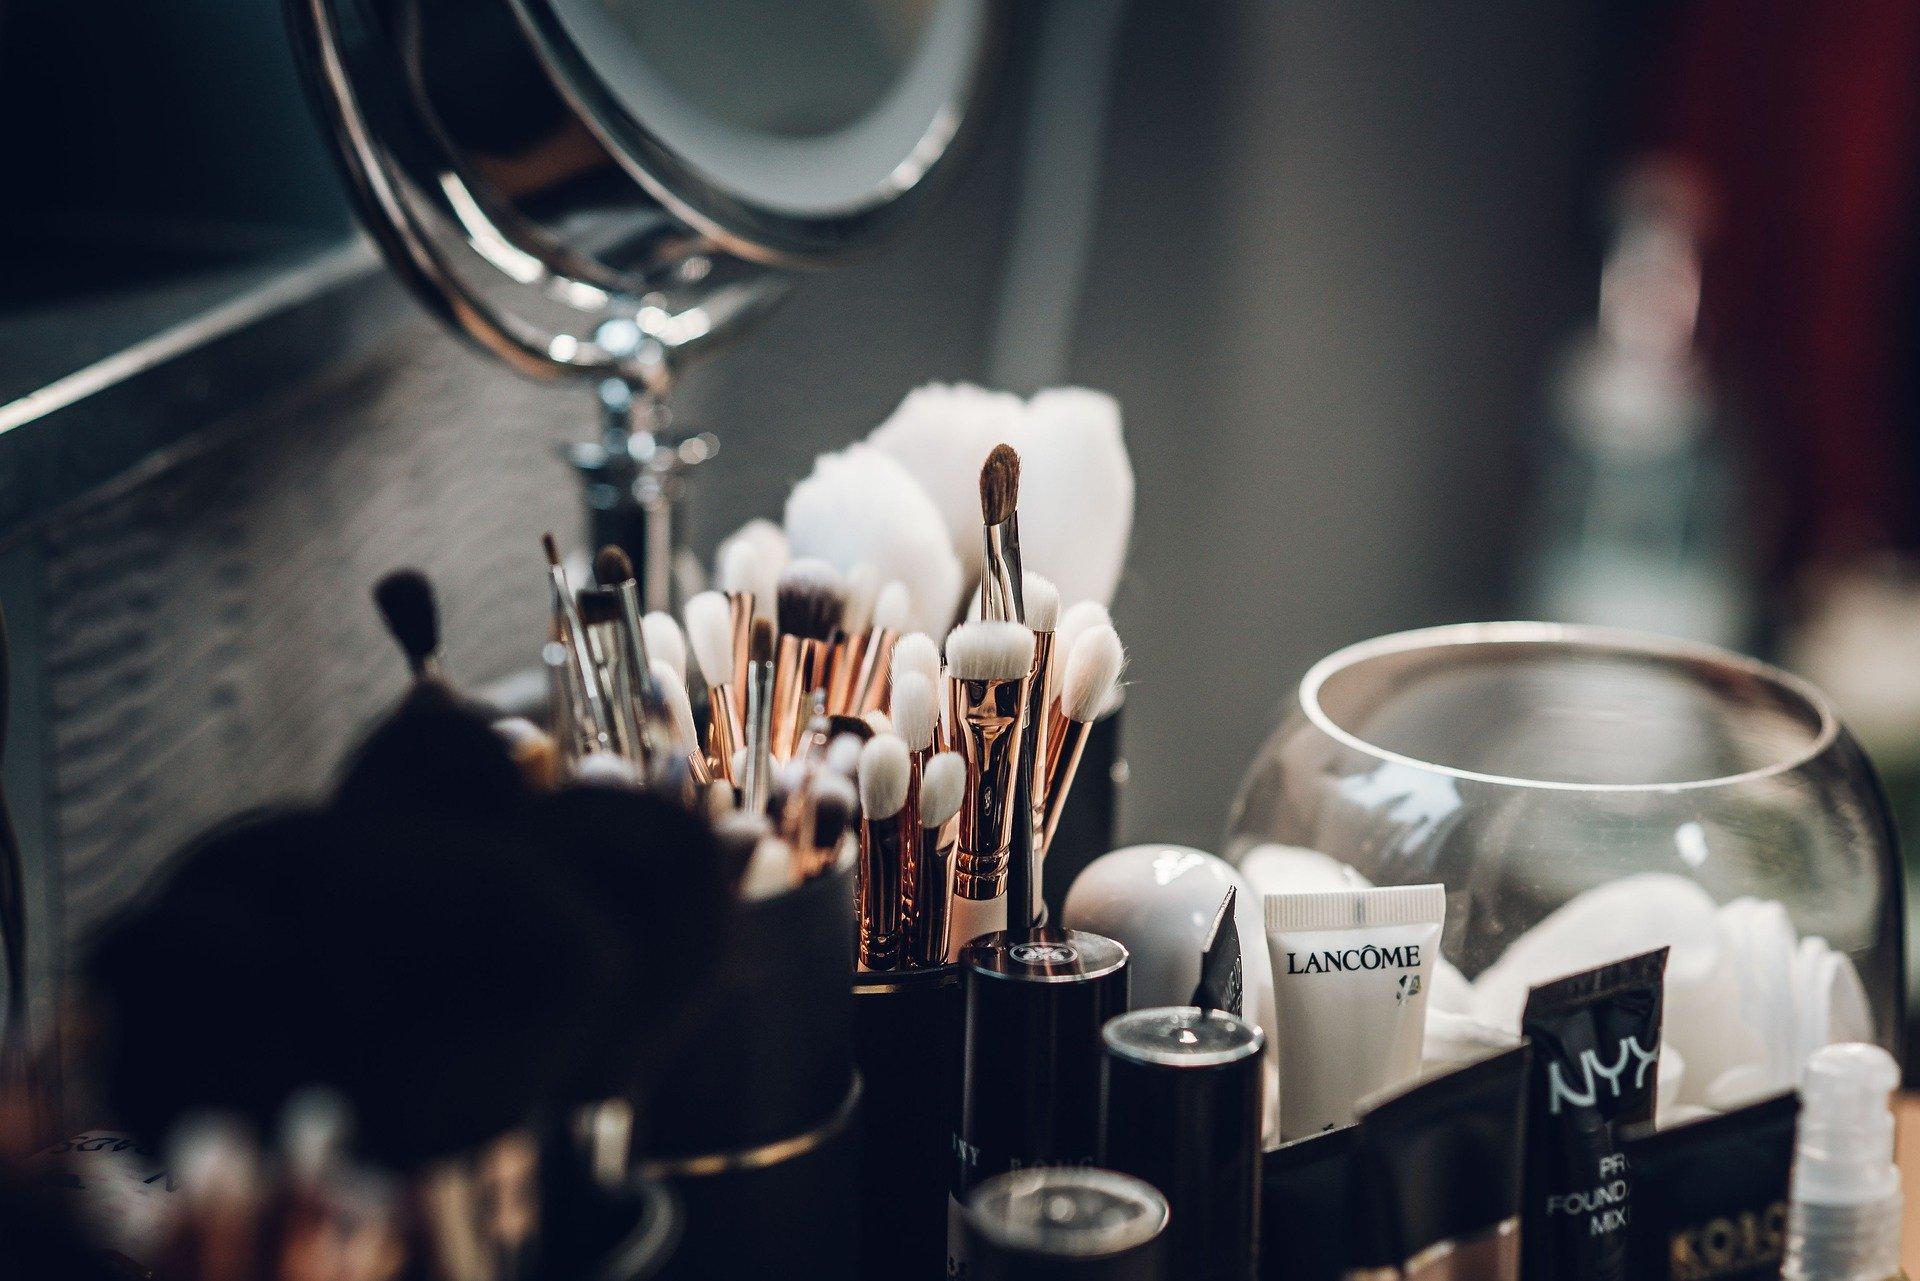 podkład do twarzy kosmetyki wizaż